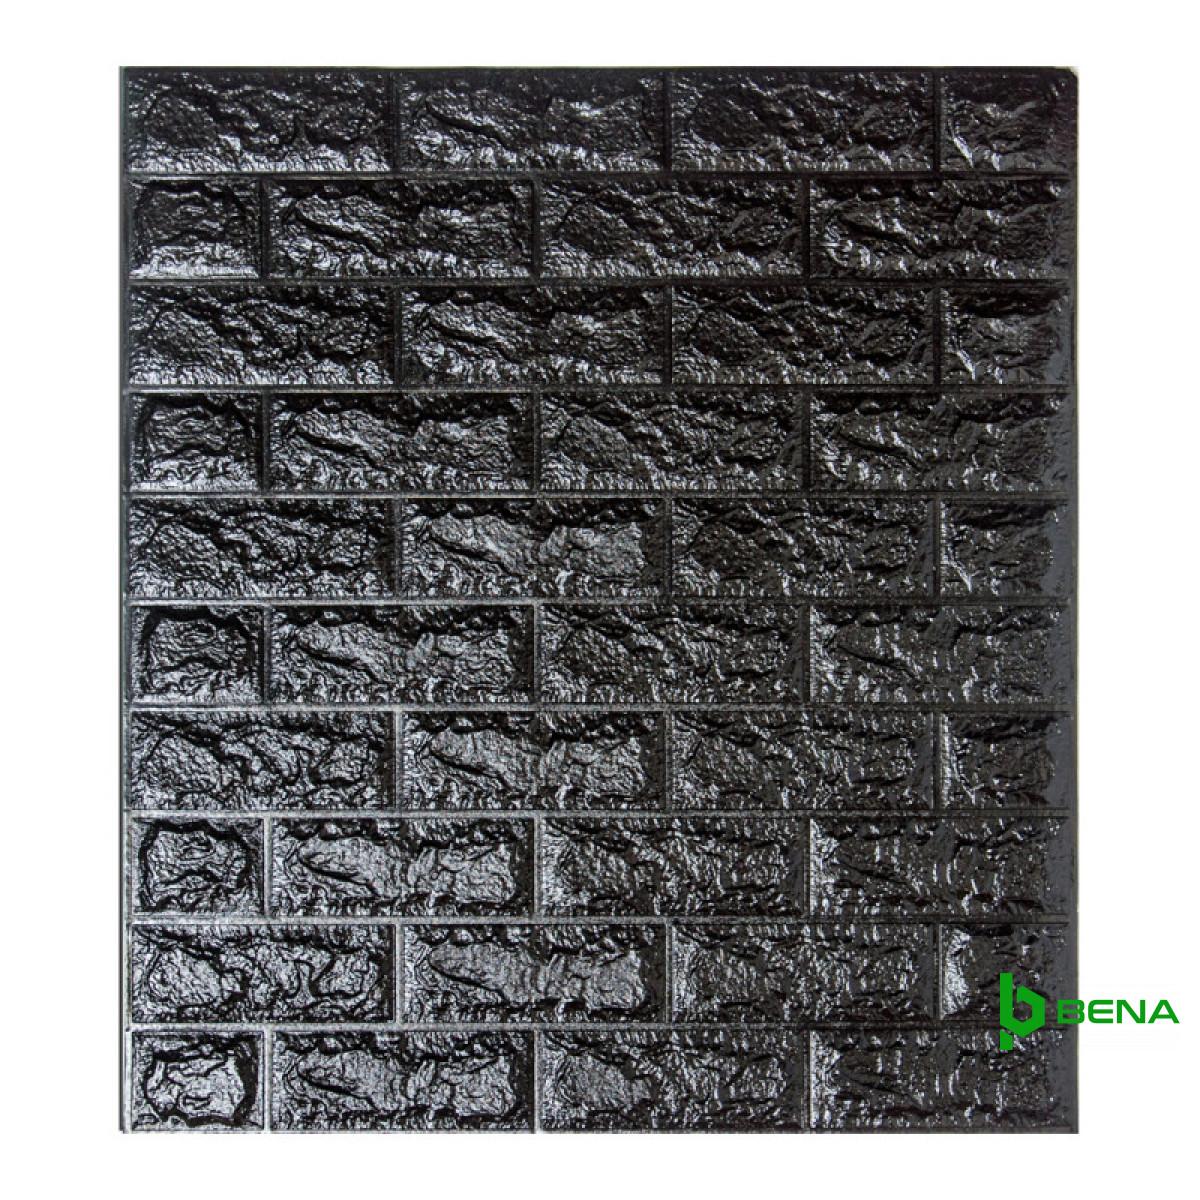 Самоклеющаяся декоративная 3D панель под черный кирпич Bena